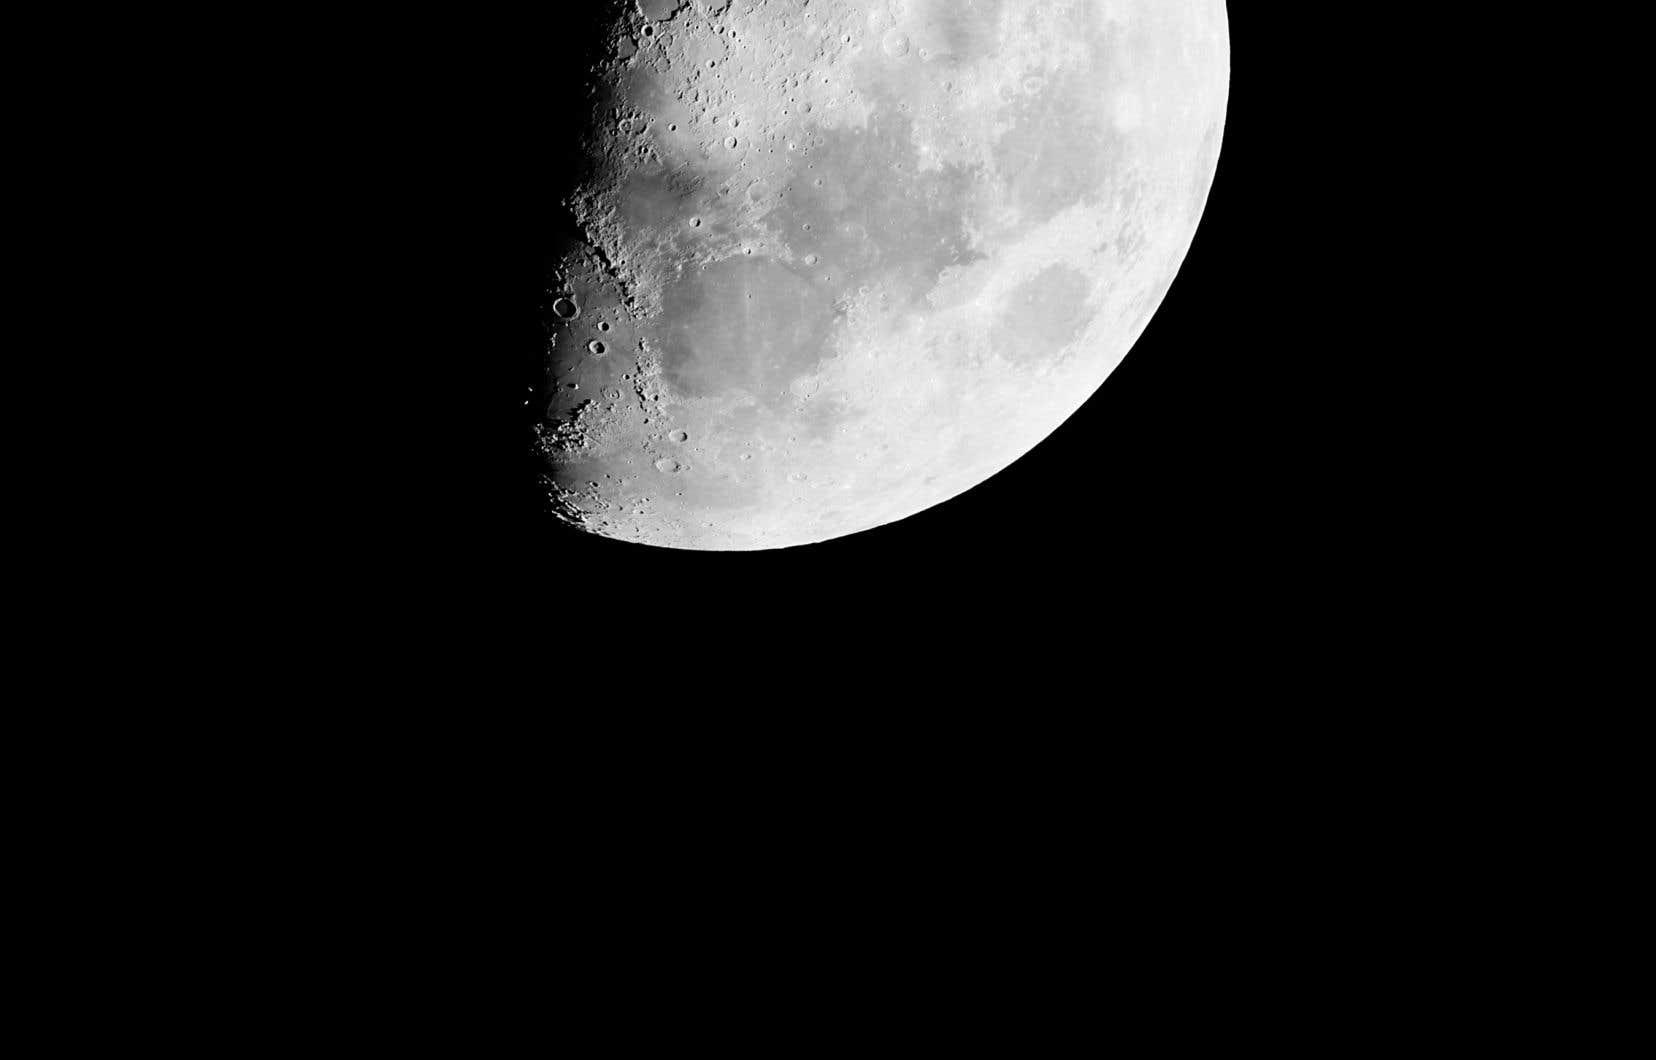 Yann Pocreau, avec la collaboration de Guillaume Poulin, «La Lune, pour moi, le 20 juillet 2018» (détail), 2018